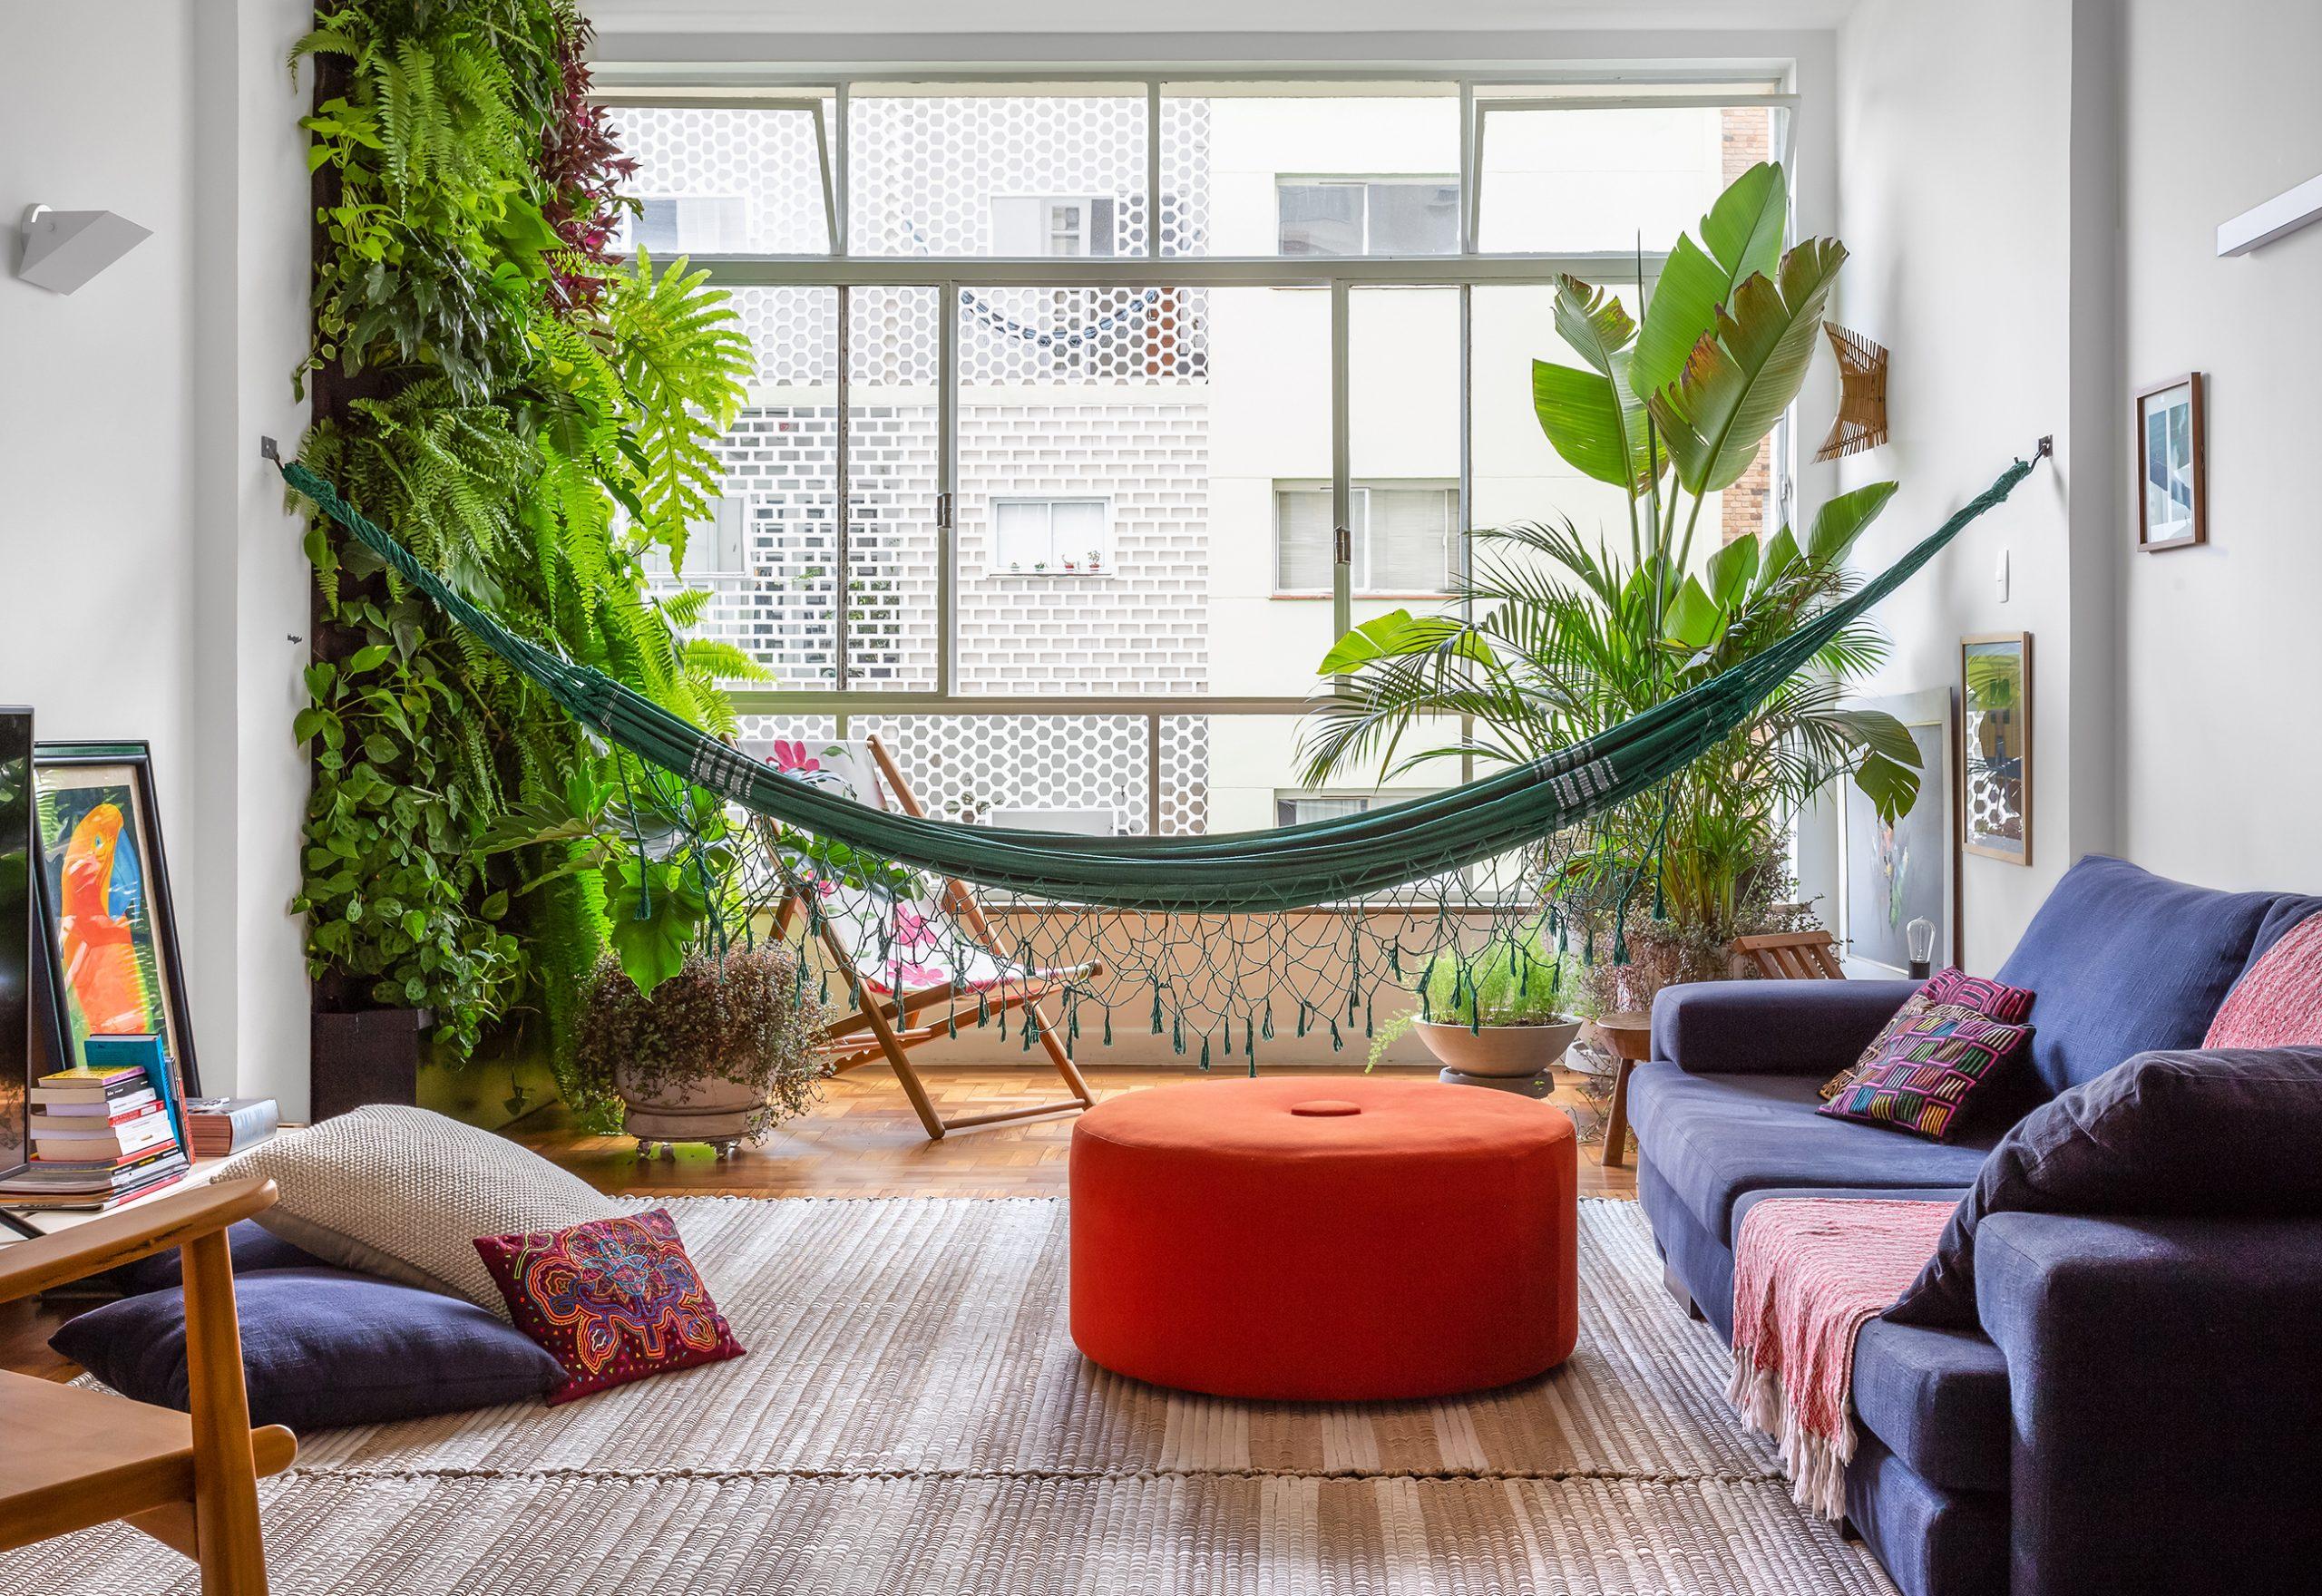 decoração sala com muitas plantas, rede e pufe colorido